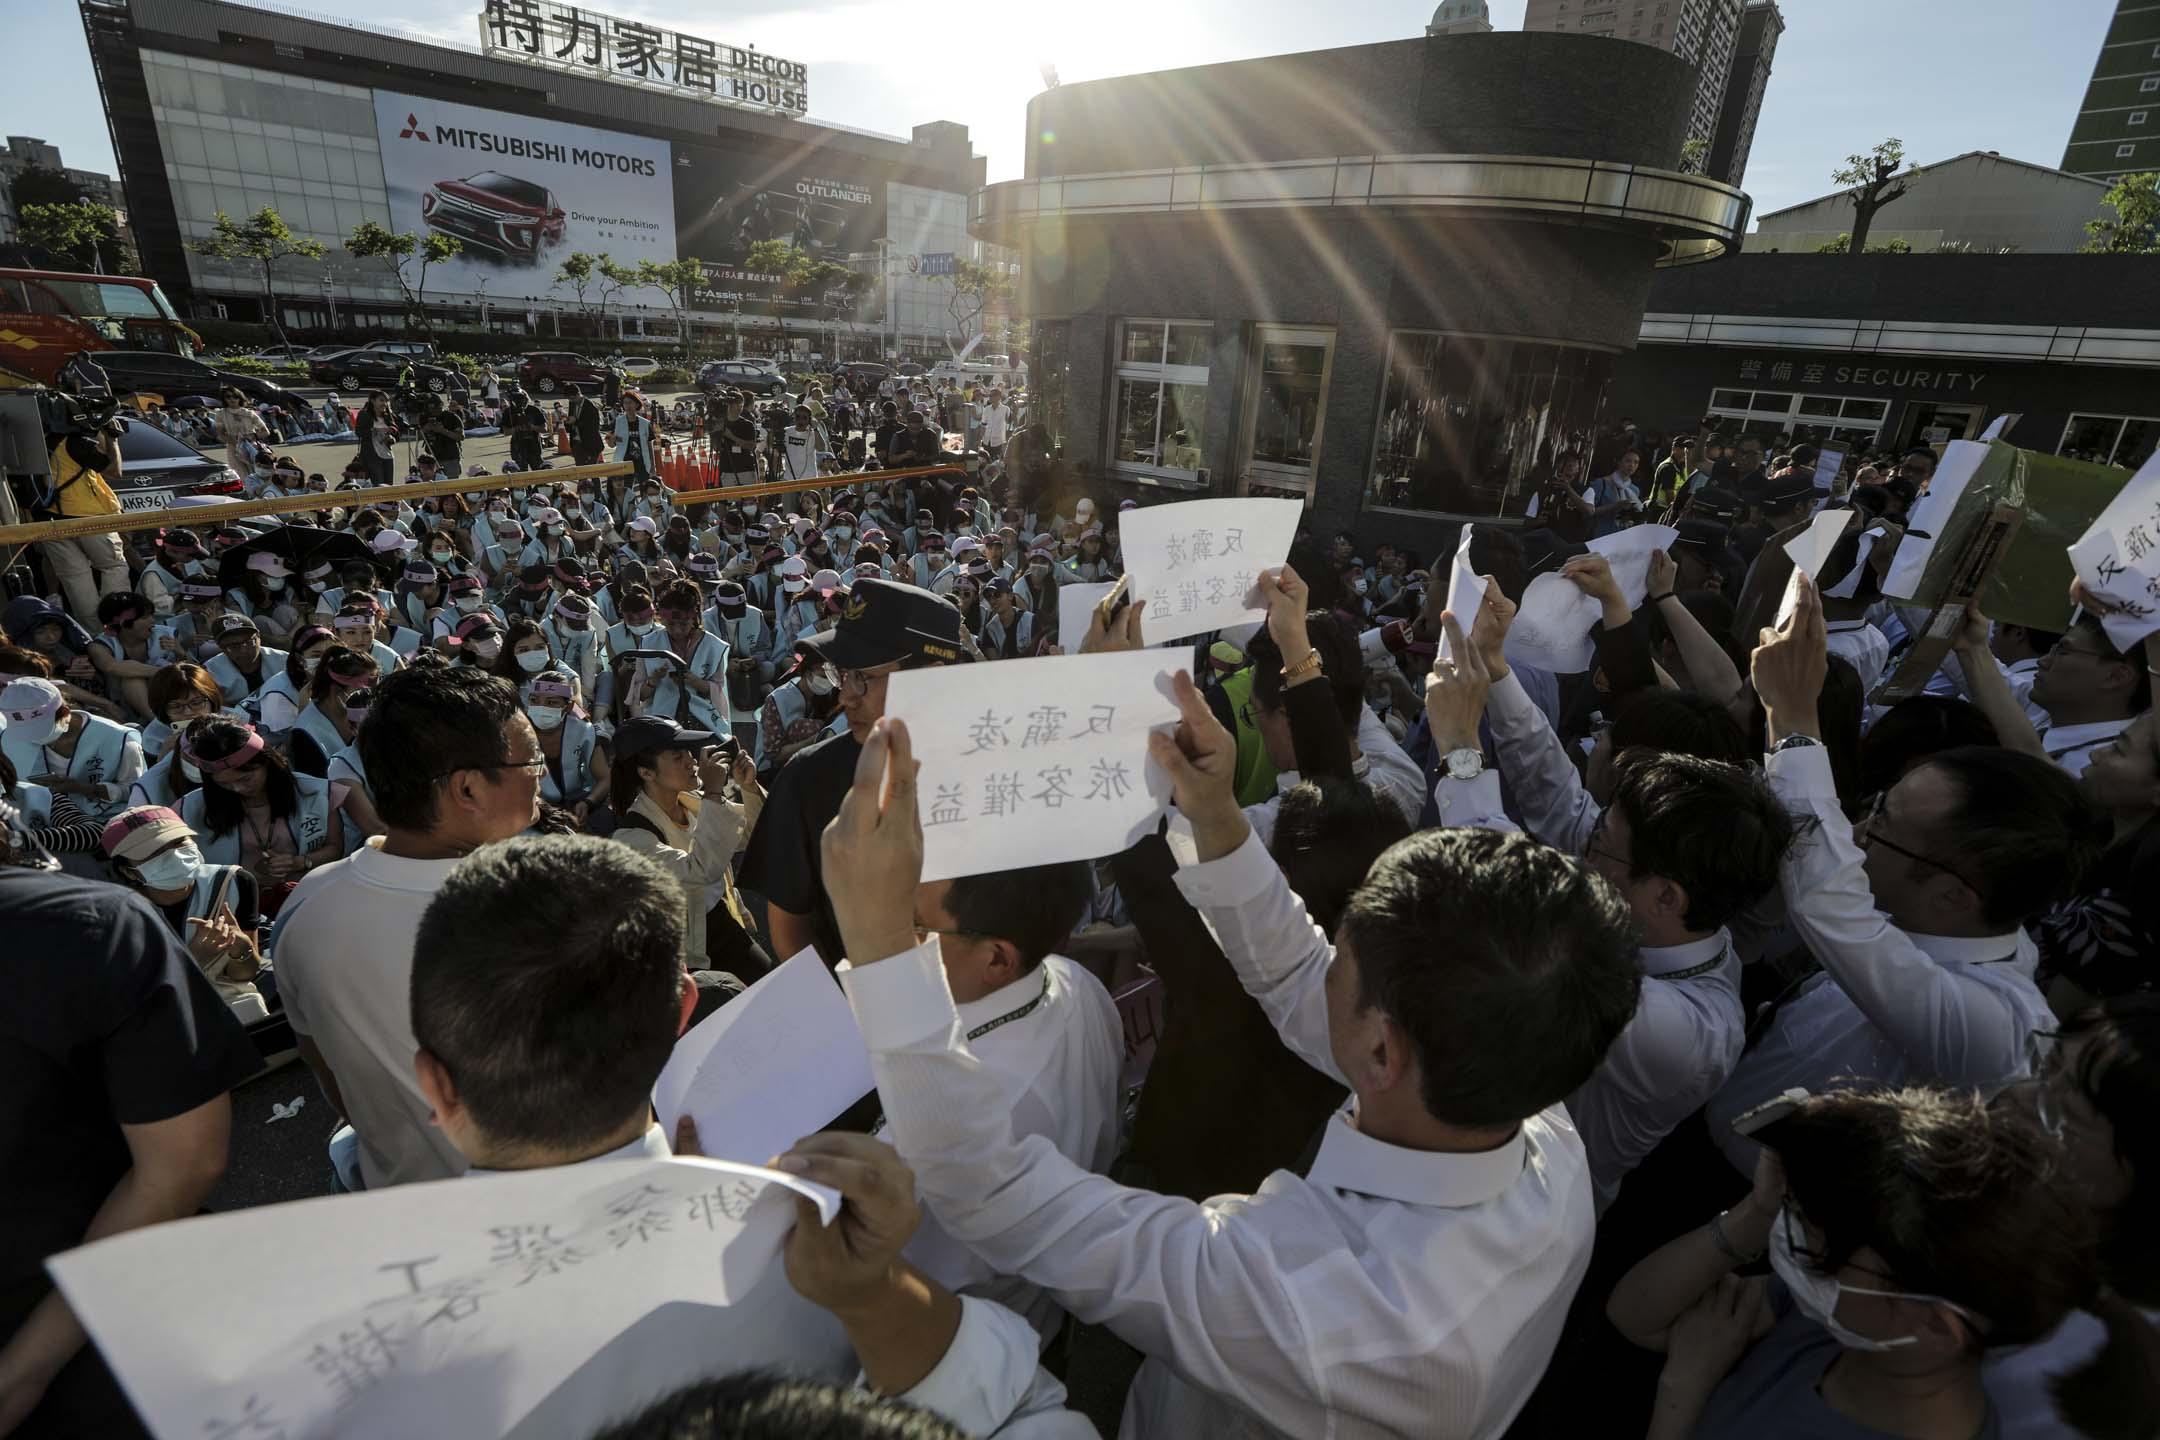 2019年6月20日,長榮航空與工會協商破裂,工會宣布立即啟動罷工。 攝:張藍/端傳媒